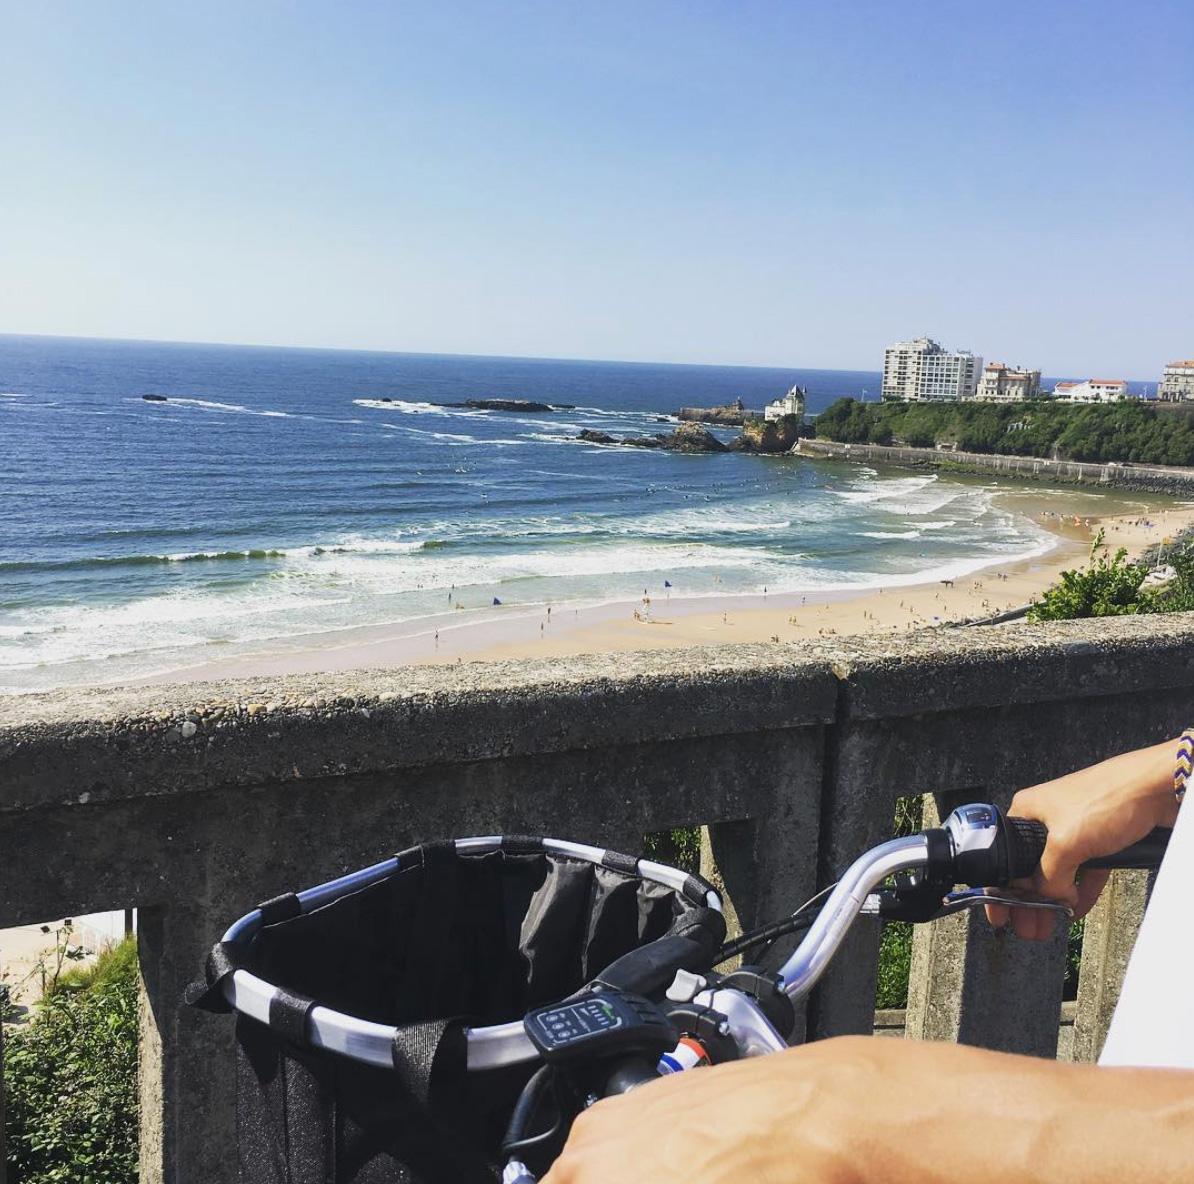 location-vélo-électrique-biarritz-côte-basque